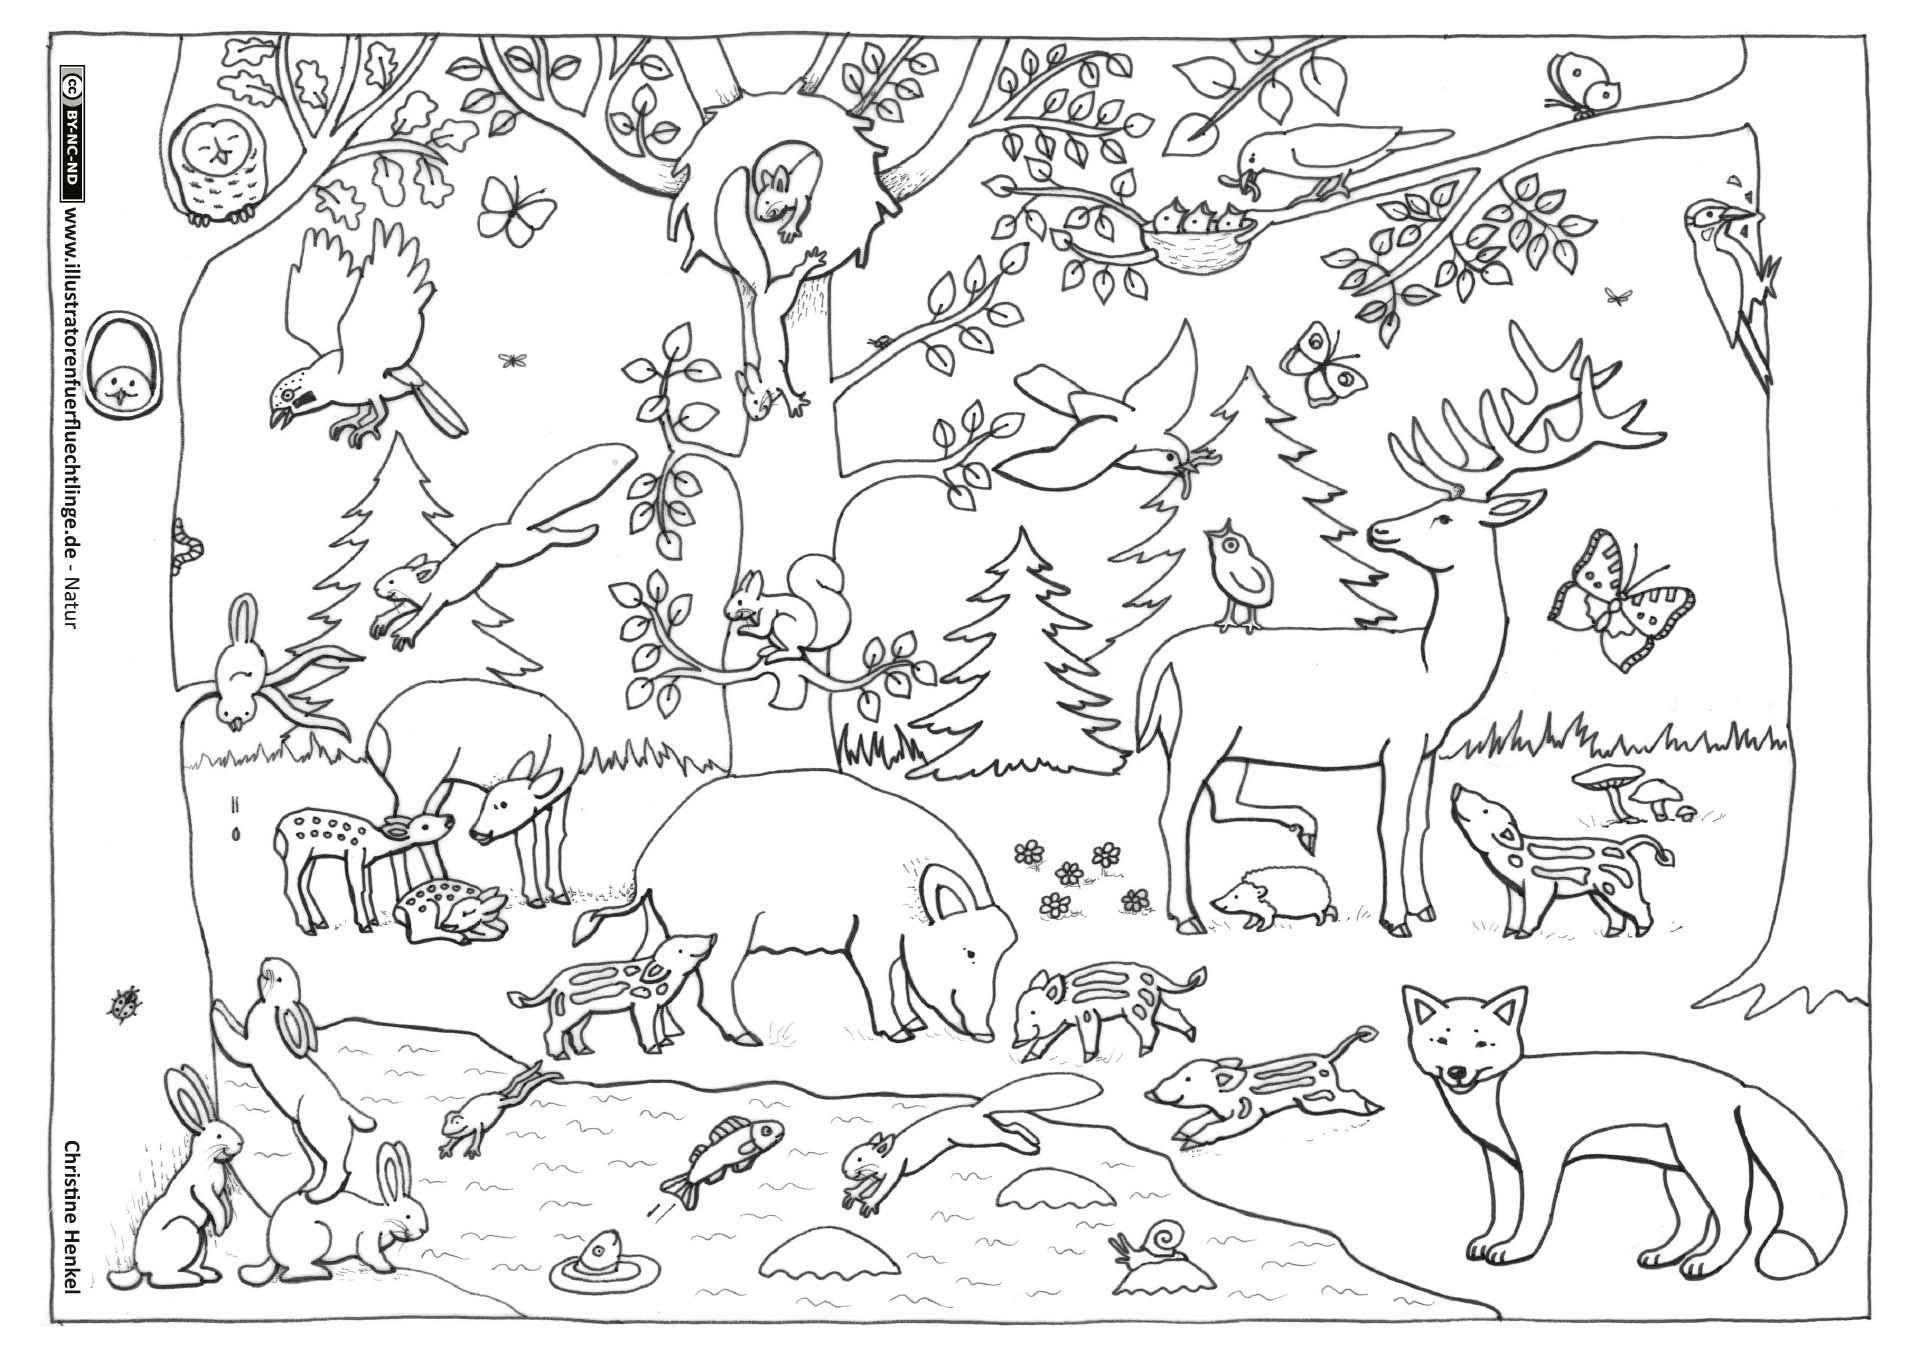 Wald Tiere (Mit Bildern) | Malvorlagen Tiere, Tiere Des ganzes Malvorlagen Kostenlos Tiere